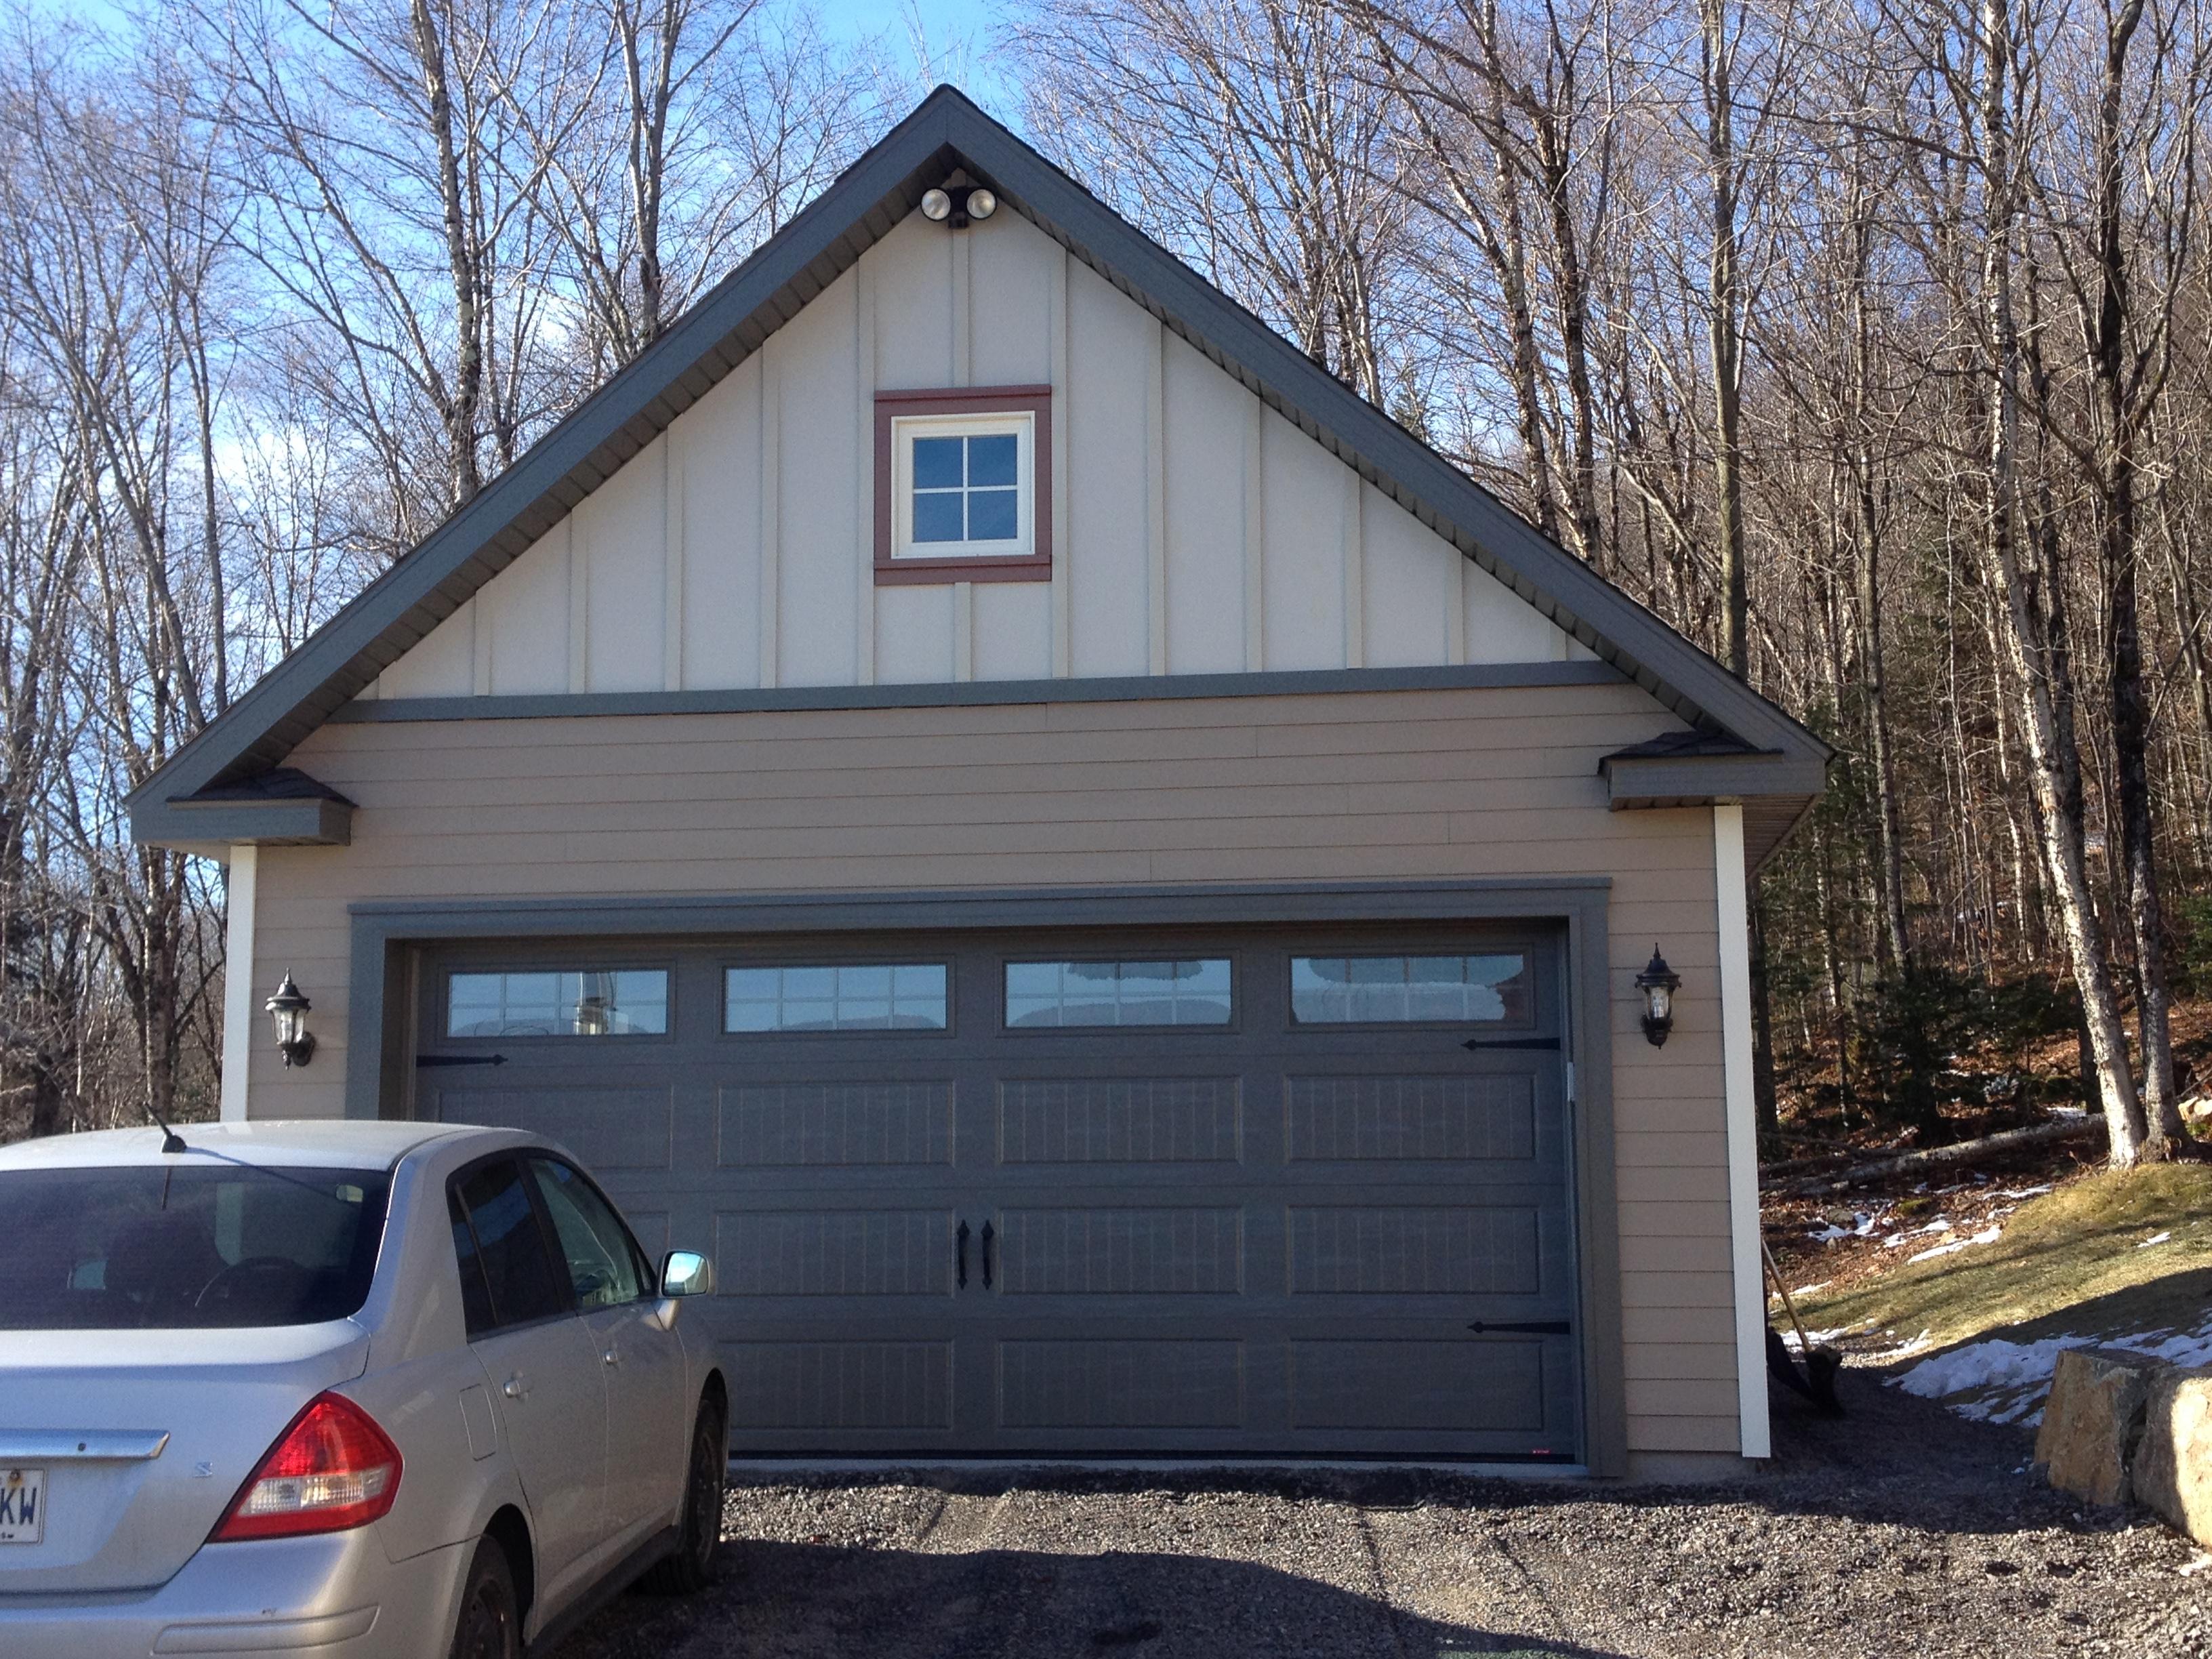 garage 26  garage préfabriqué lareau  bâtiment préfab